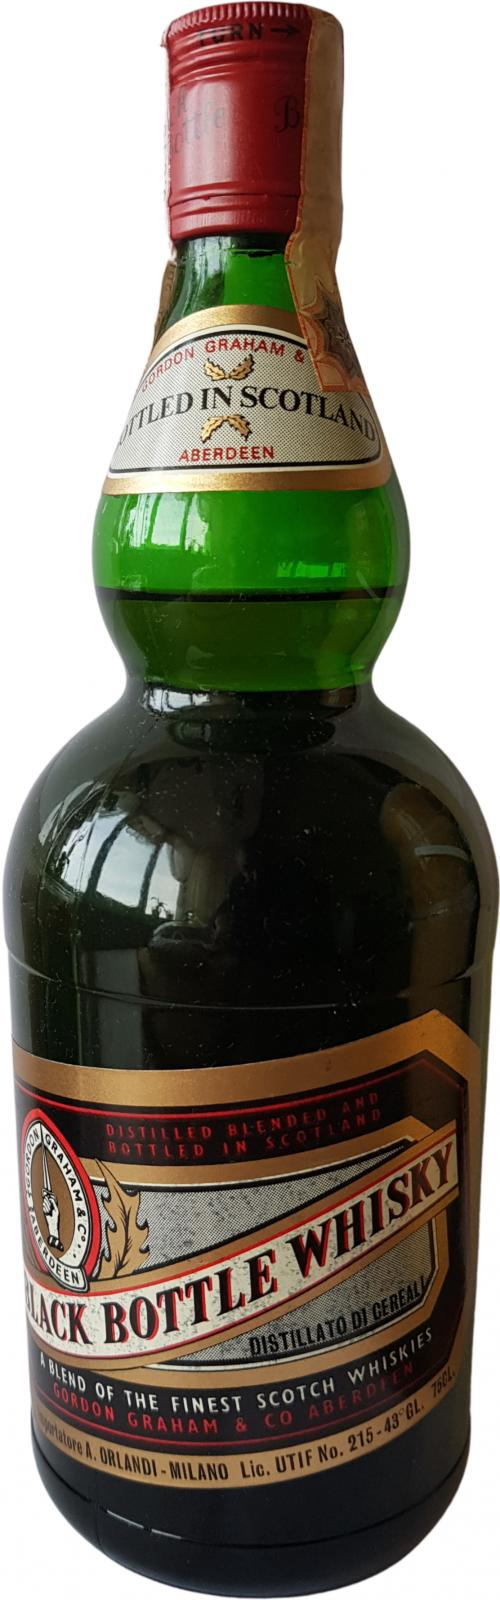 Black Bottle Whisky